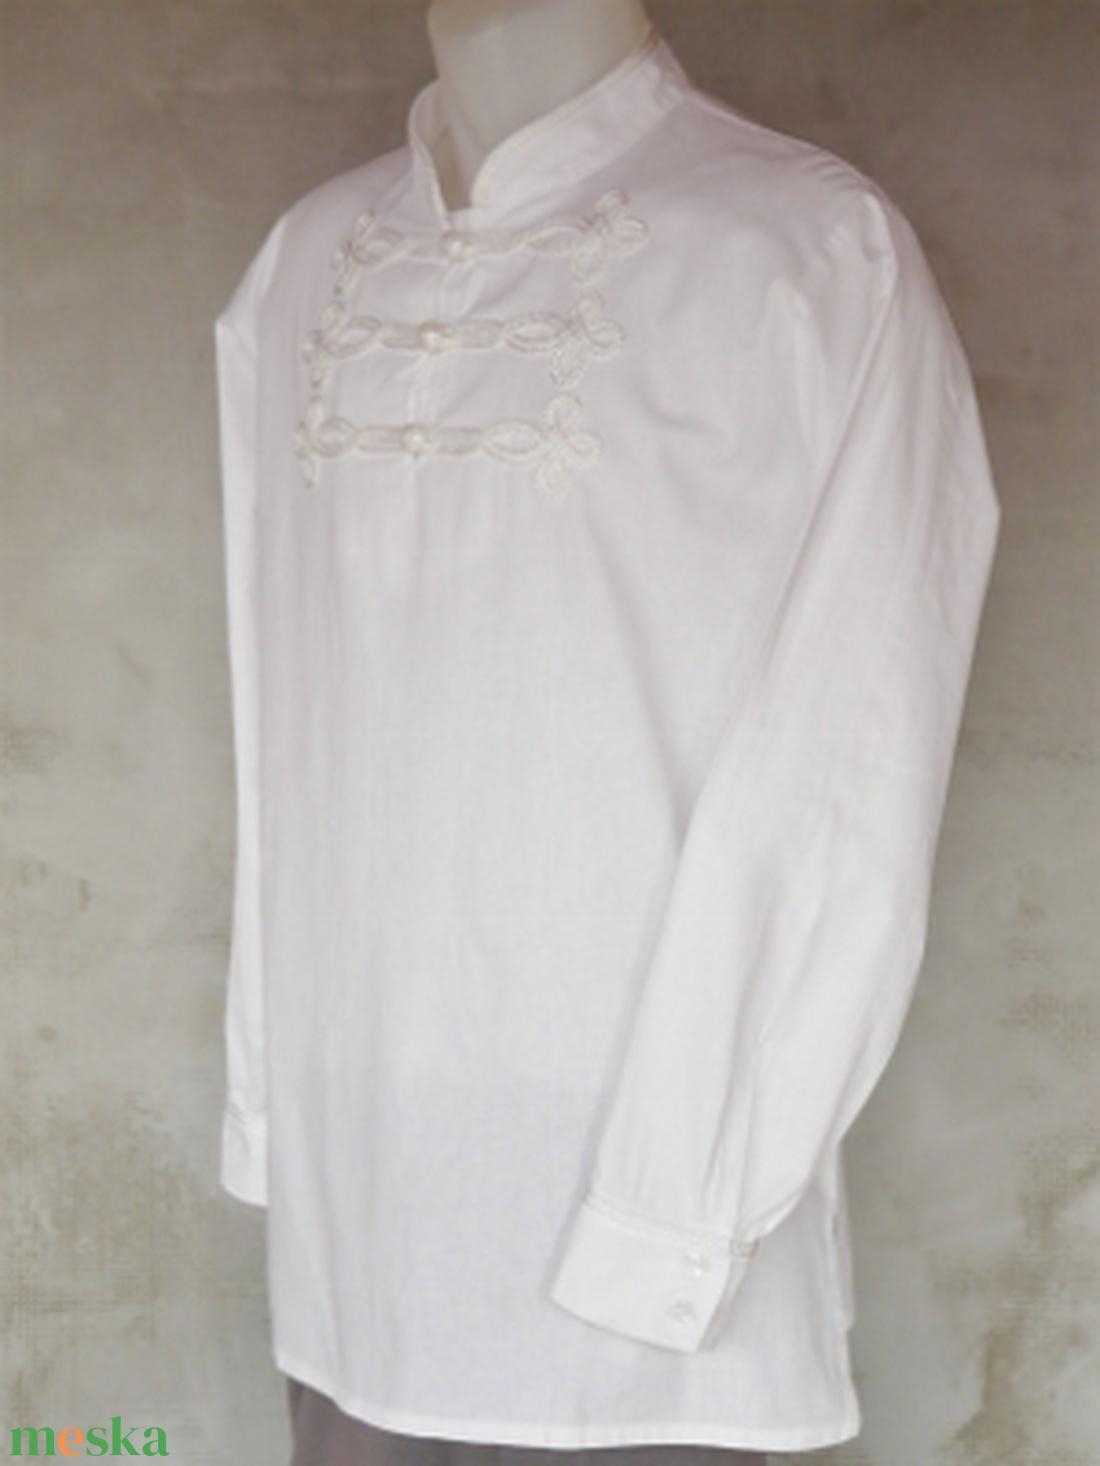 férfi ing ELŐD S-4XL bocskai zsinóros fehér szín - ruha & divat - férfi ruha - ing - Meska.hu